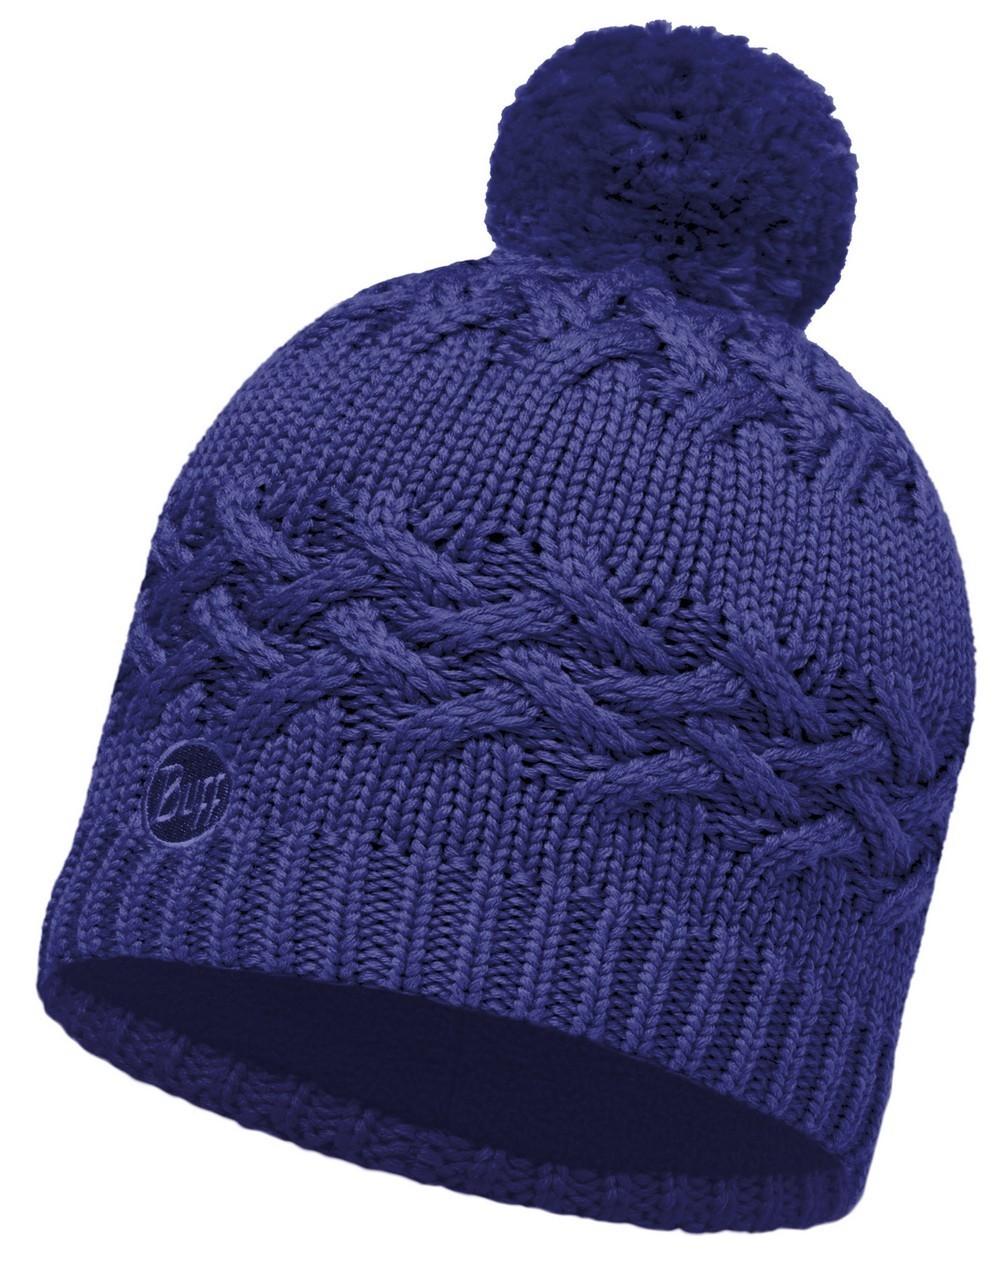 Шапки крупной вязки Вязаная шапка с флисовой подкладкой Buff Savva Mazarine Blue 111005.716.10.00.jpg